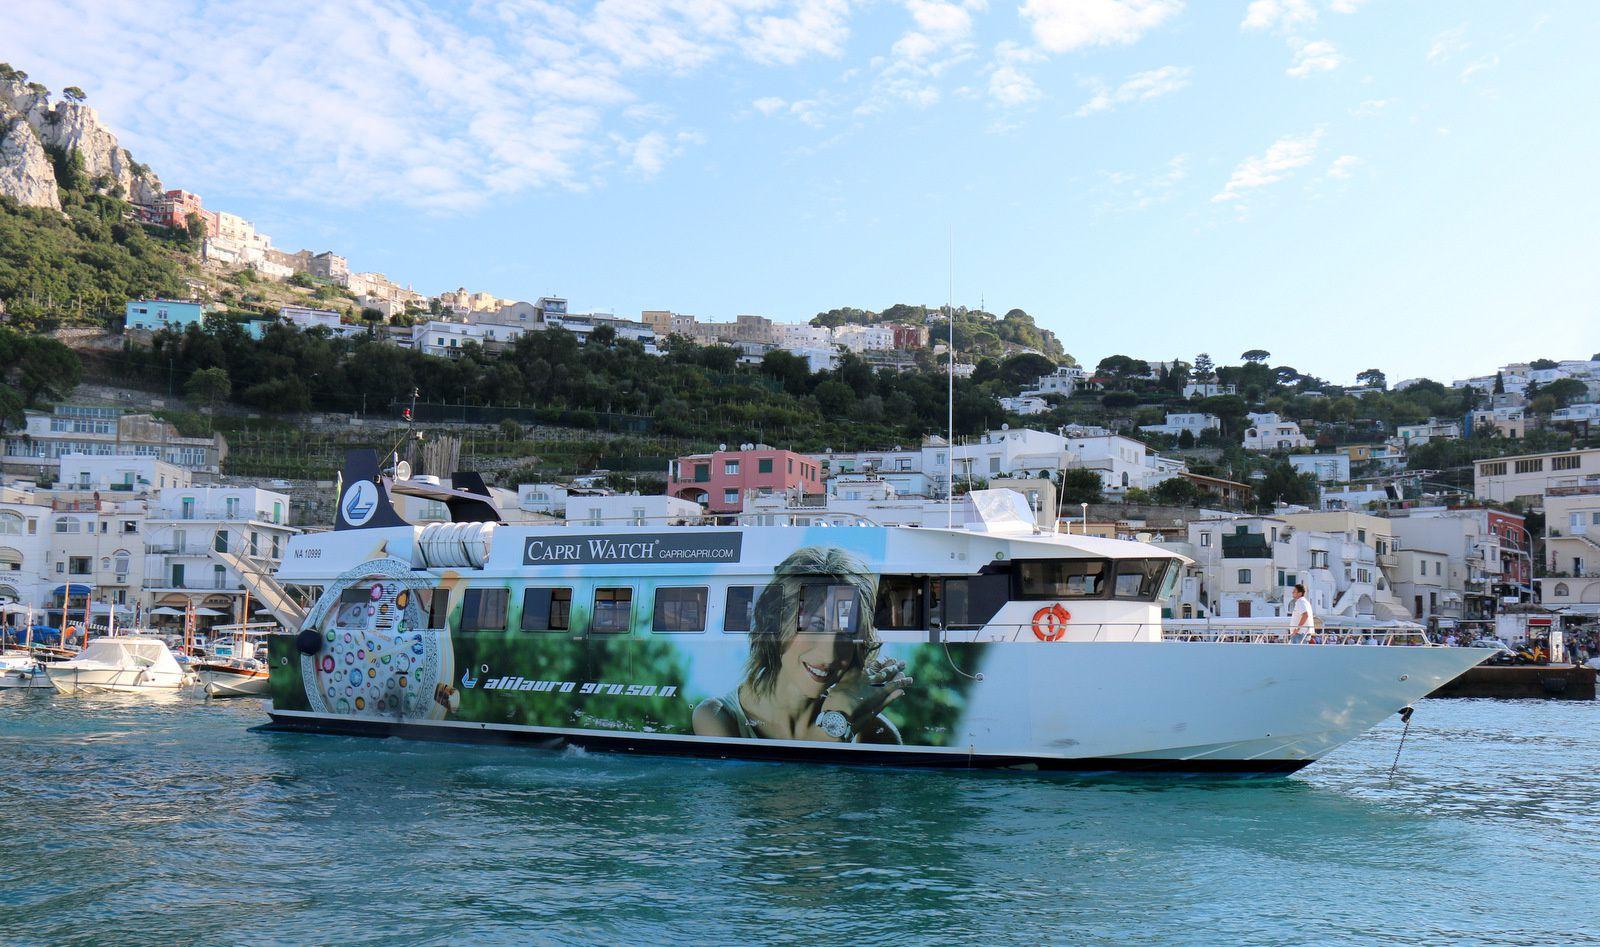 L'île de Capri, Marina Grande